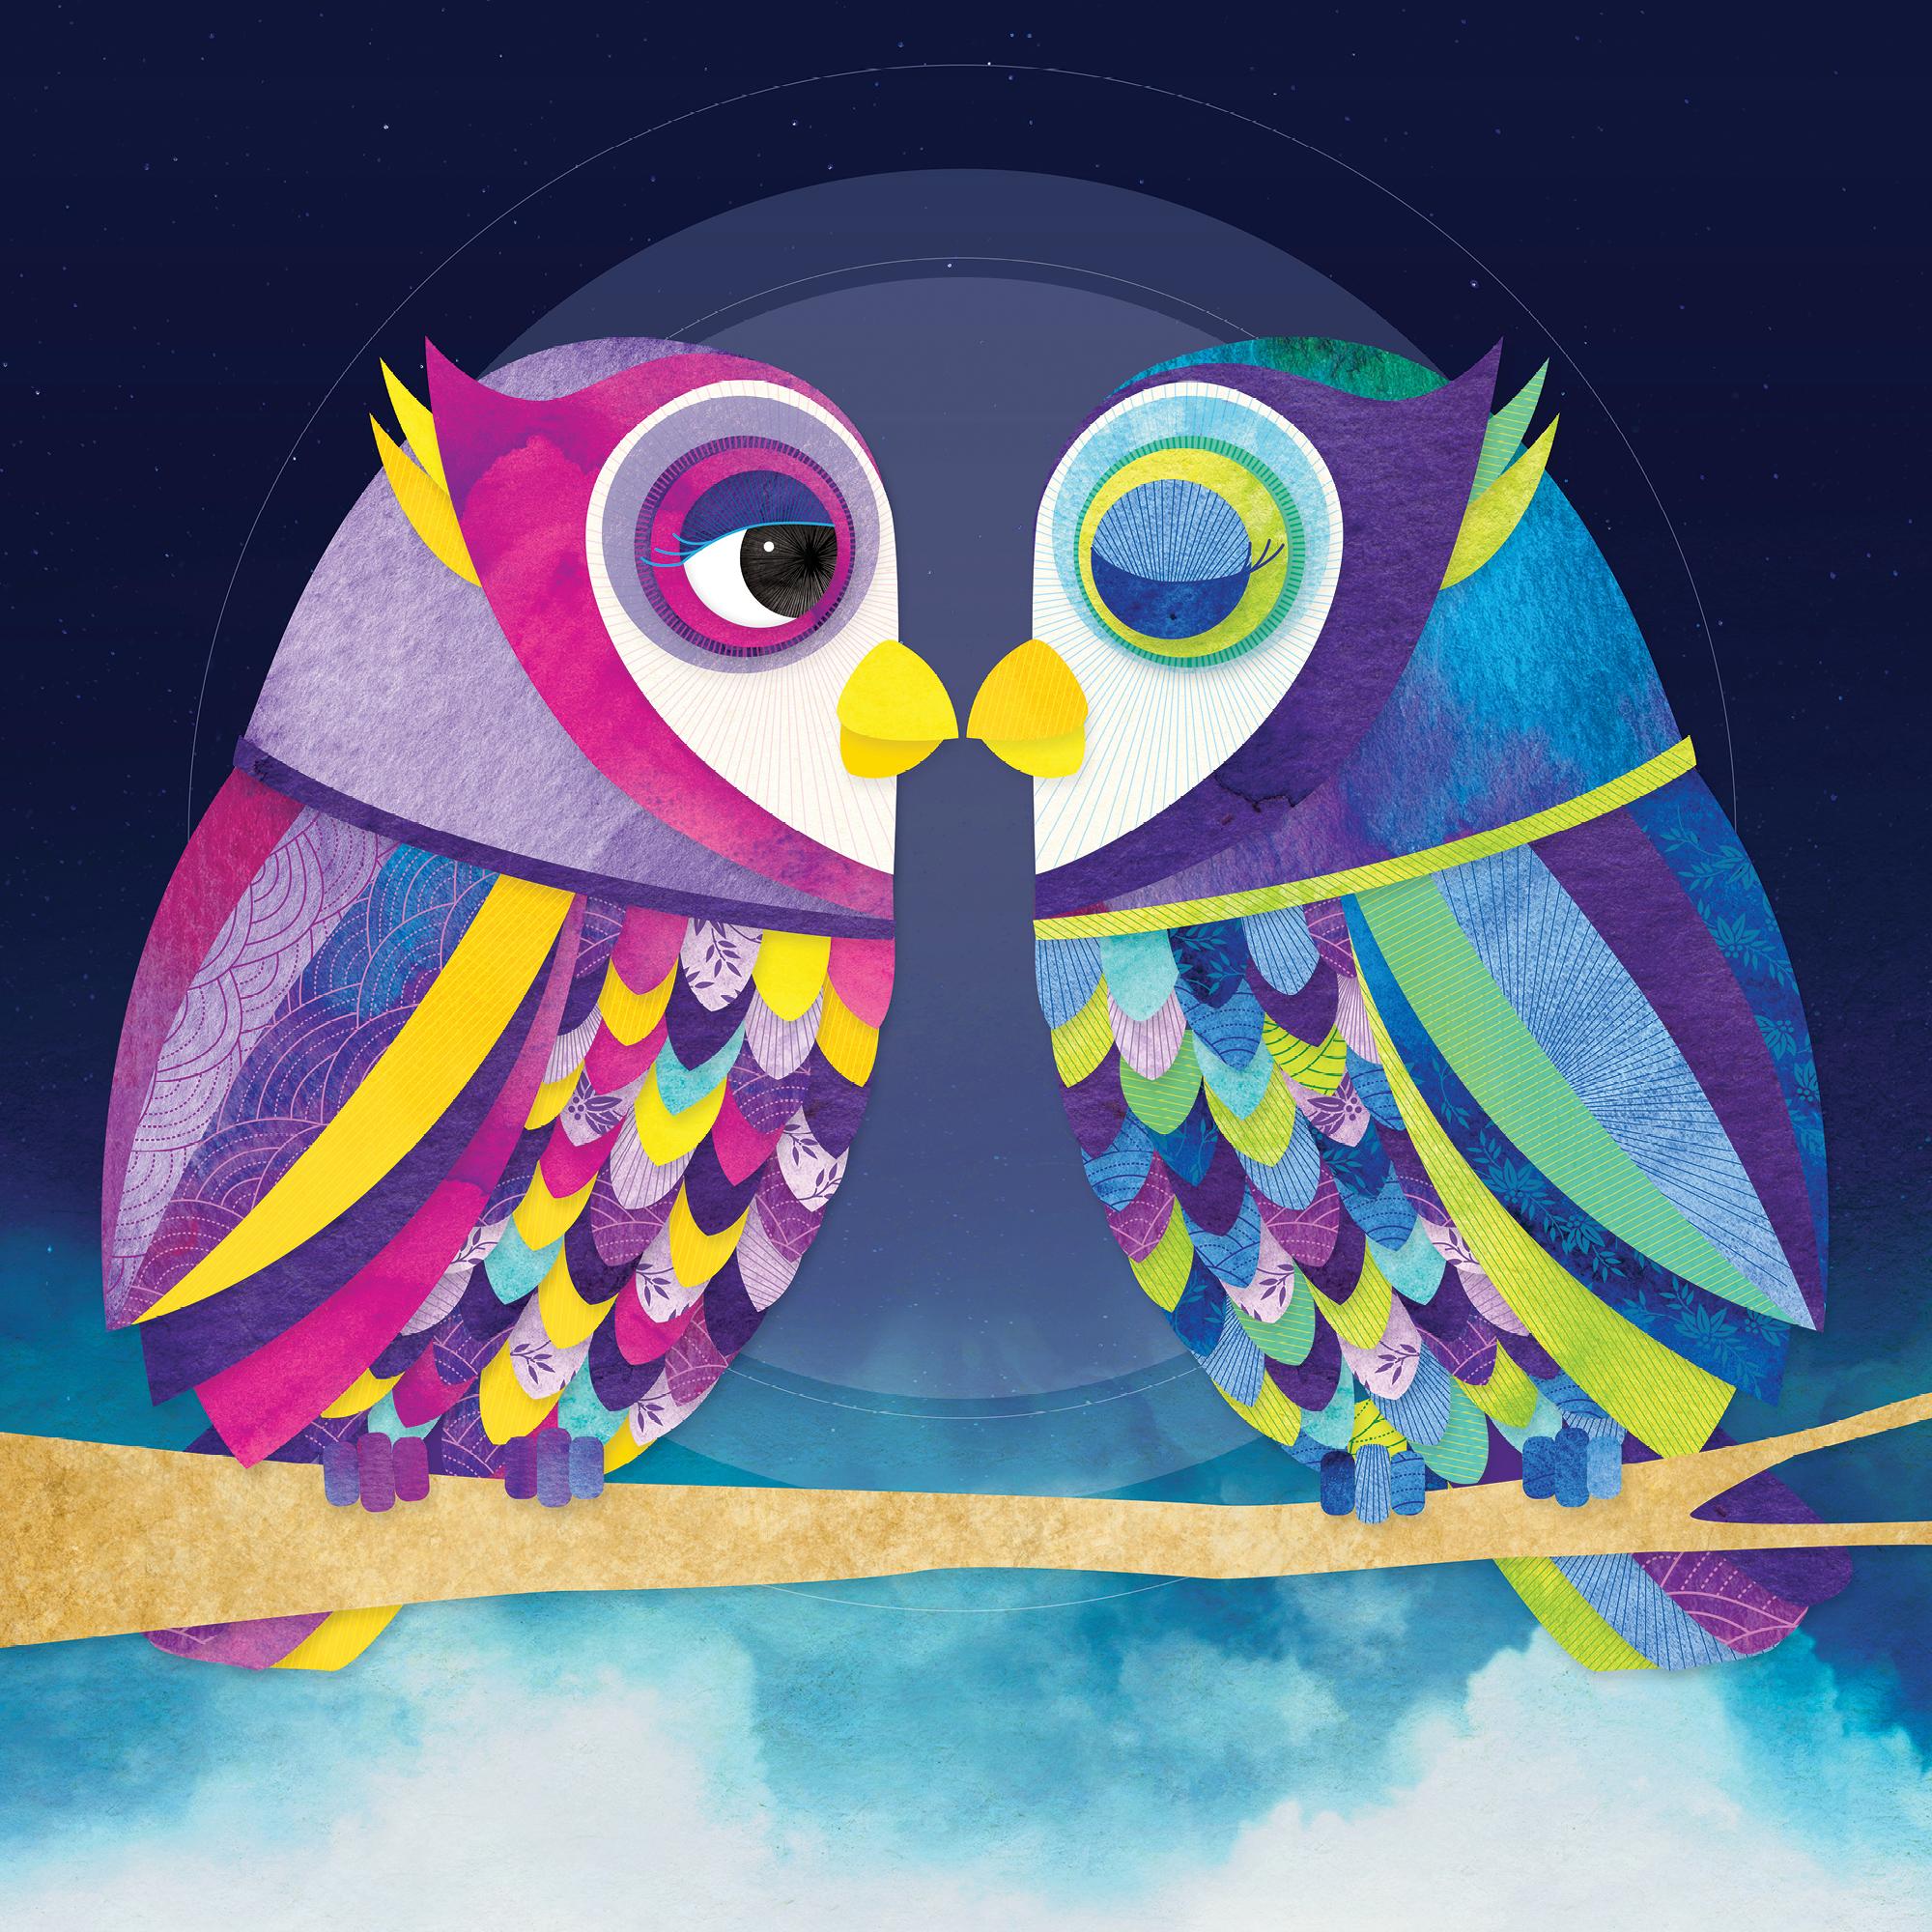 Shanti-sparrow-illustration16.jpg